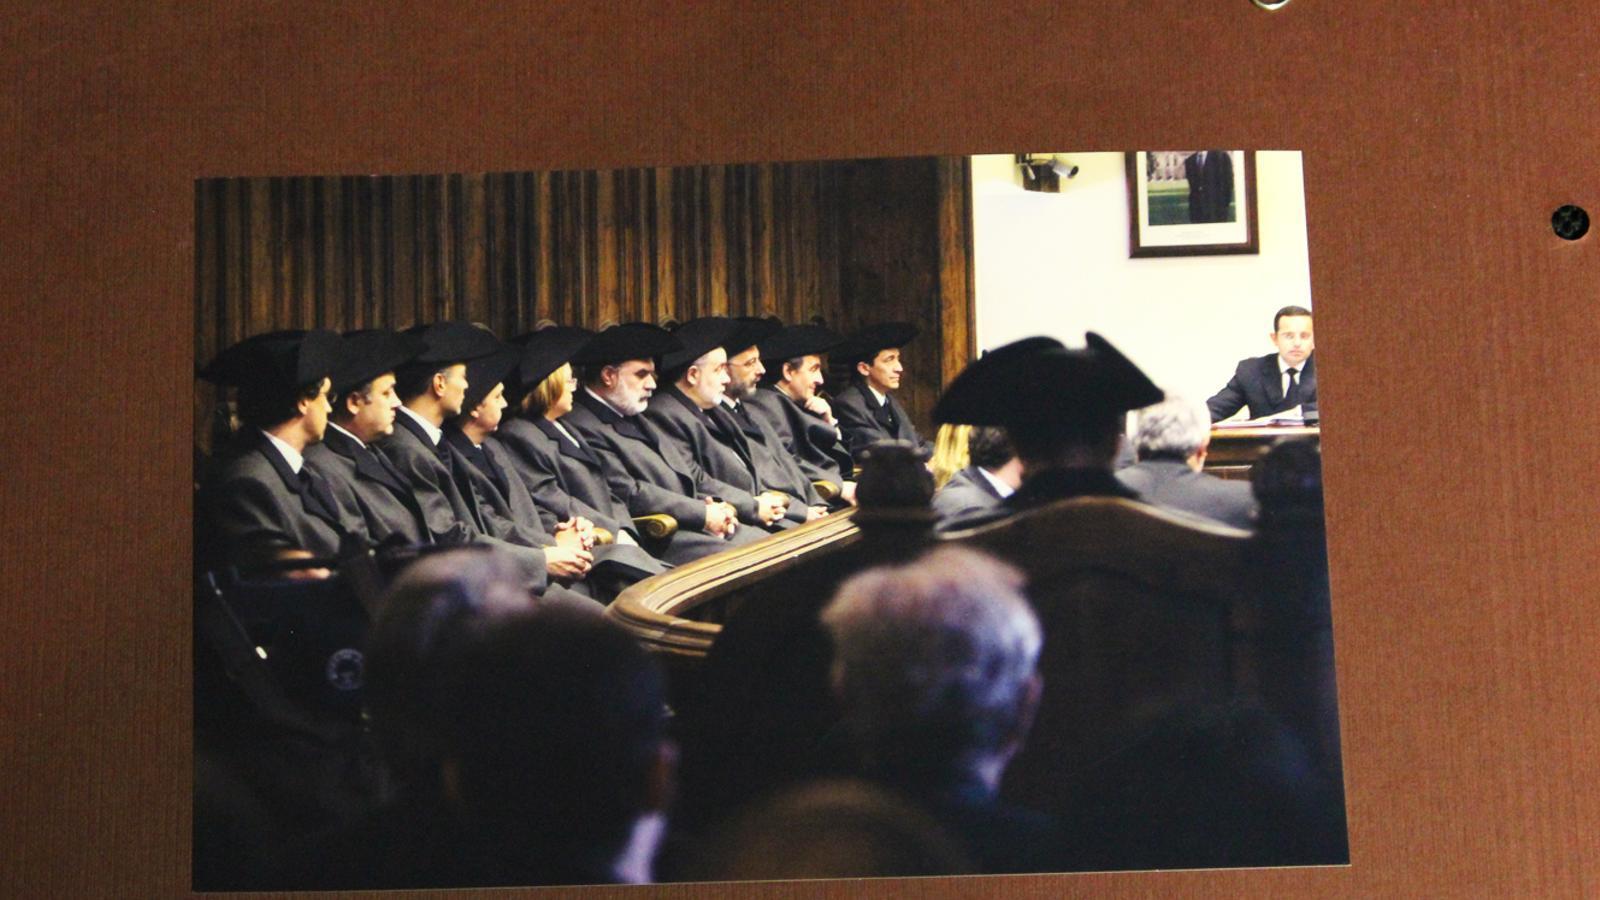 Fotografia d'una sessió de Consell General a la Casa de la Vall durant la tercera legislatura. / CONSELL GENERAL